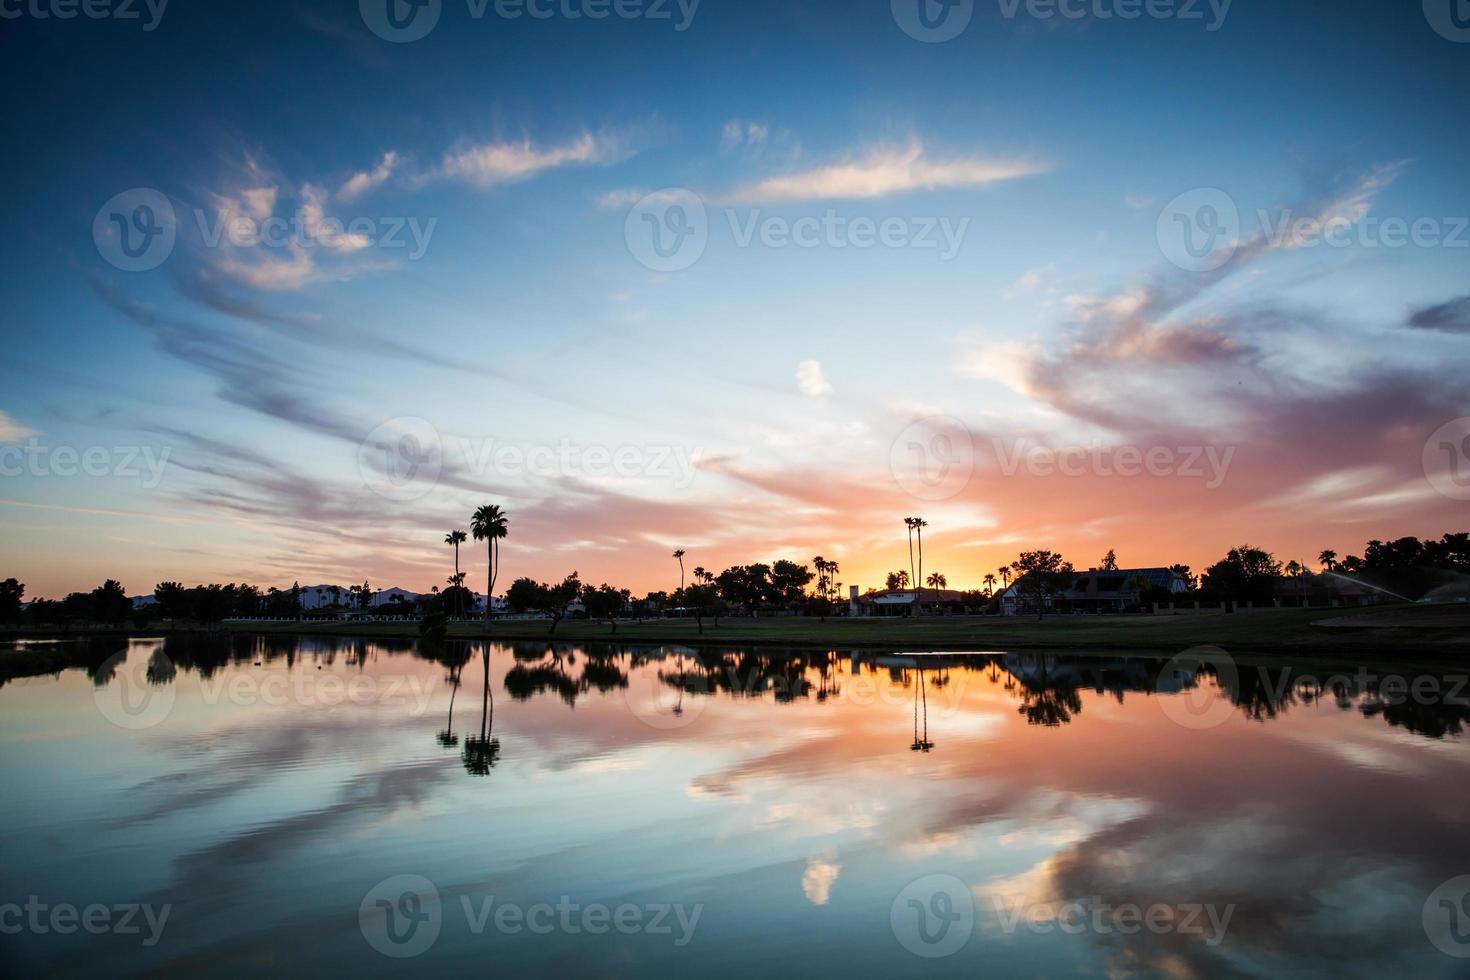 spektakulärer Sonnenuntergang foto